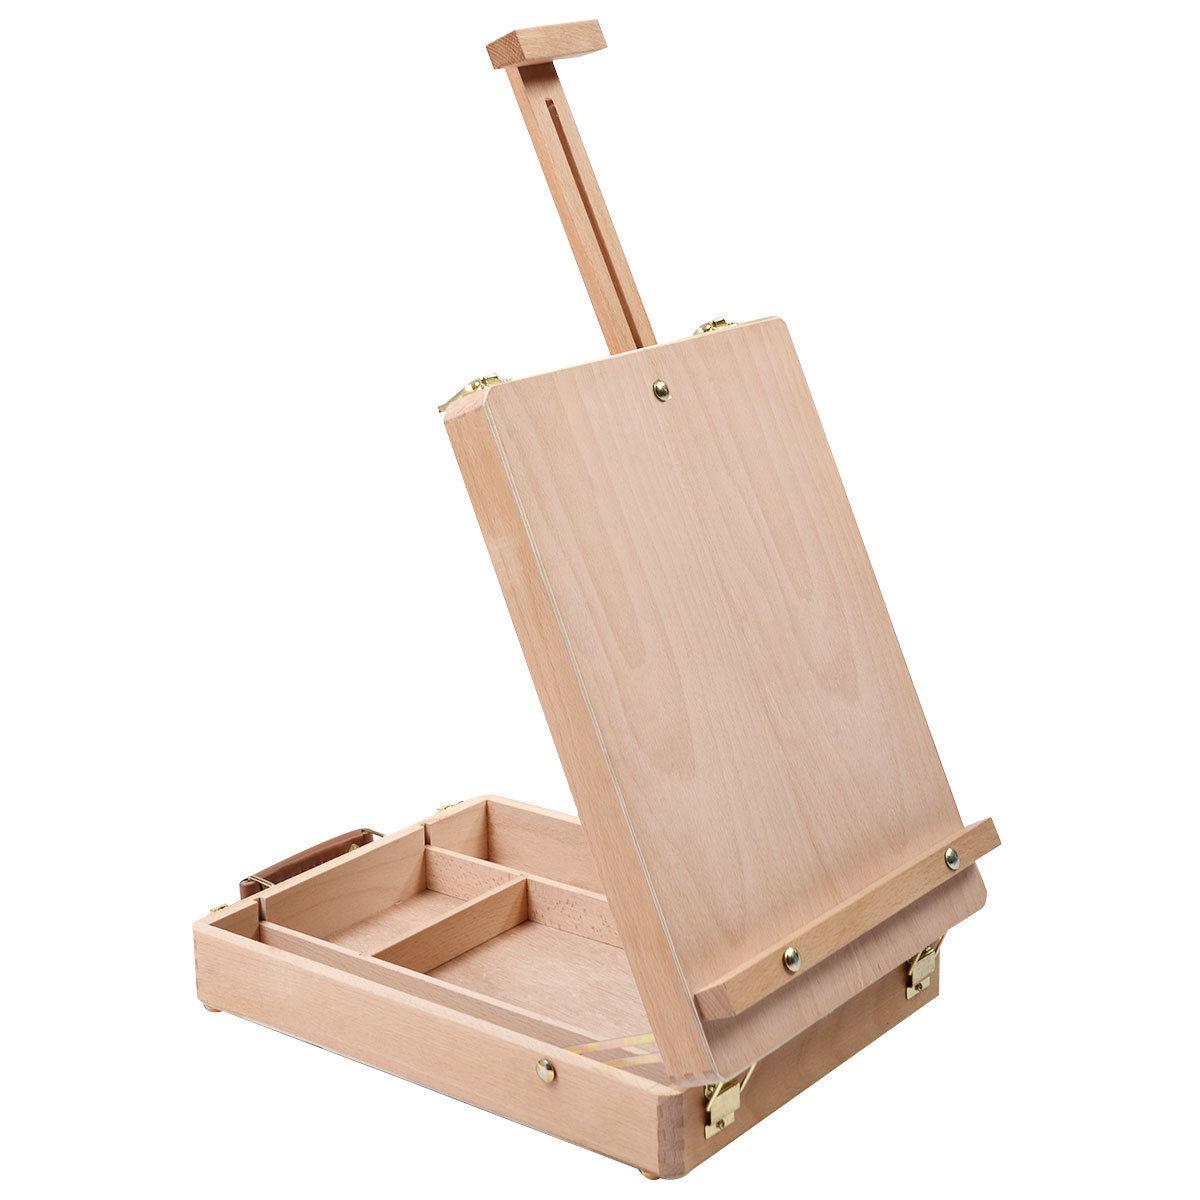 NEUE Staffelei mit Integrierte Holz Box Kunst Zeichnung Malerei Tisch Box Multifunktionale Ölfarbe Koffer Desktop-Box Kunst Liefert